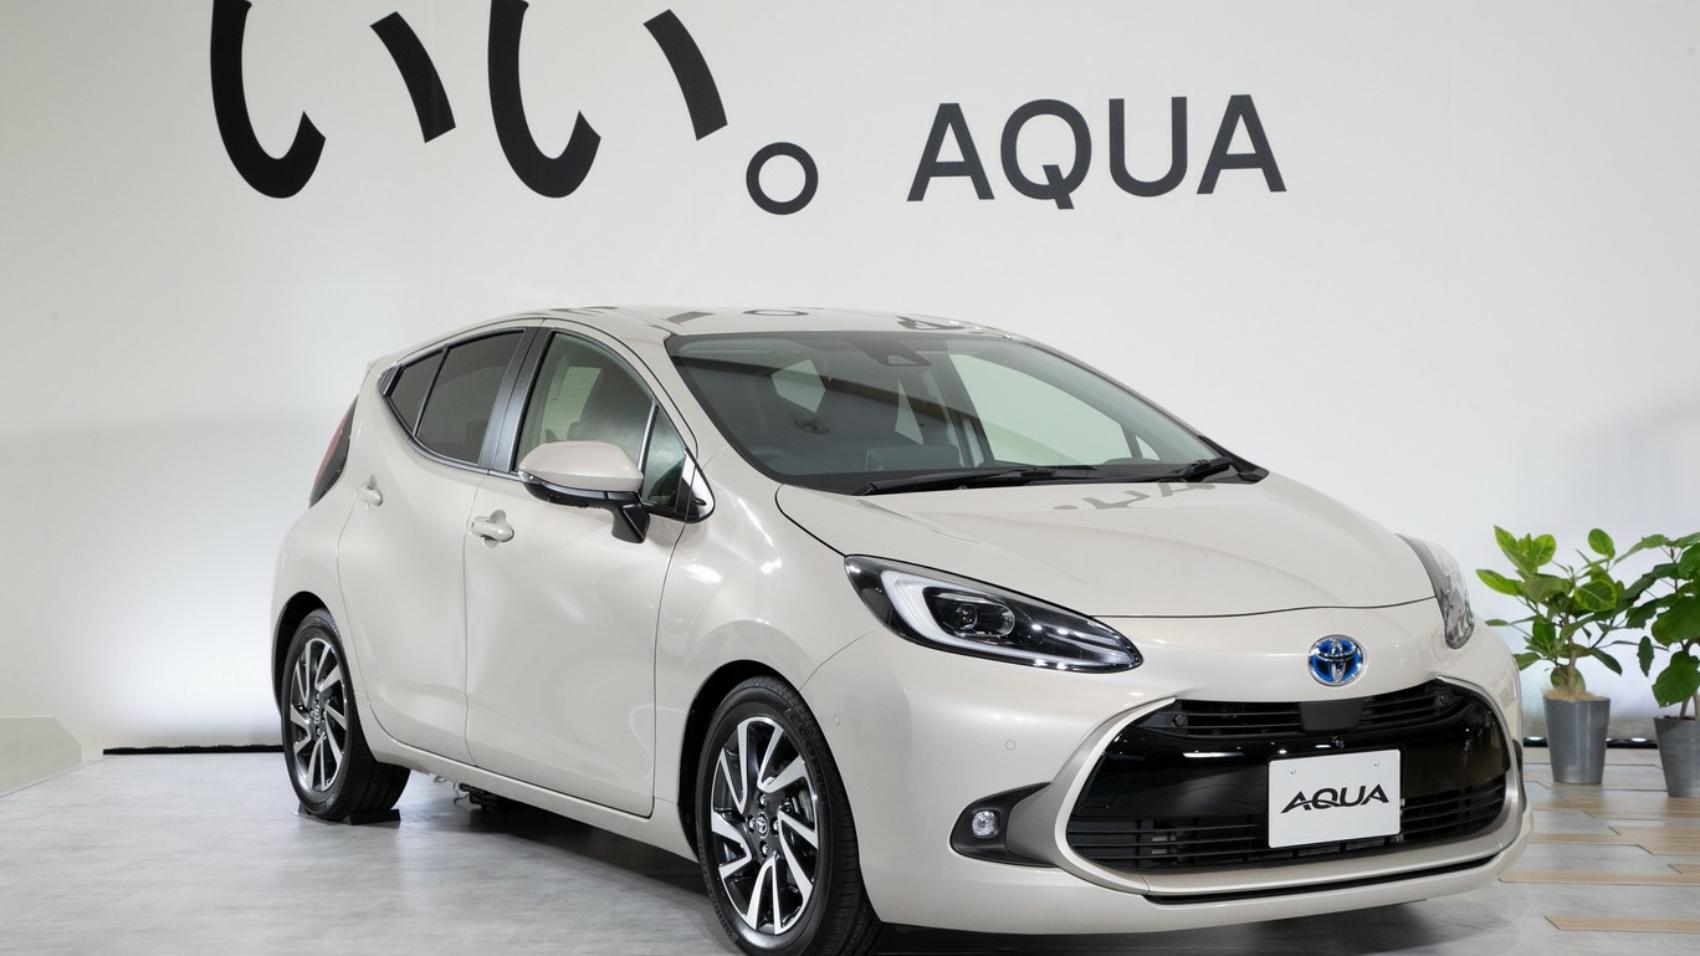 2022-Toyota-Aqua-69-1700x956.jpg